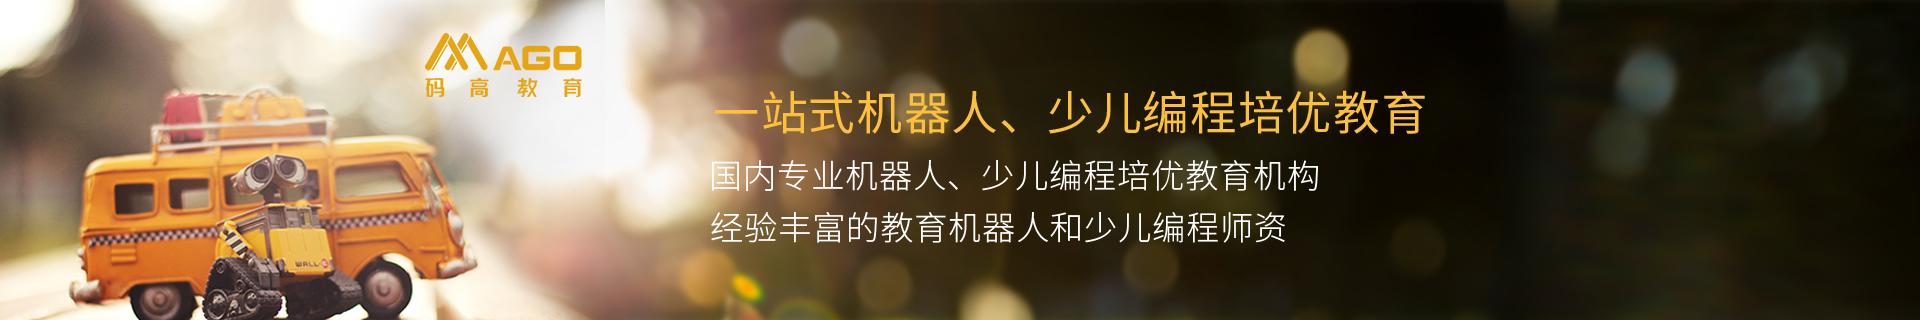 辽源龙山区码高教育培训